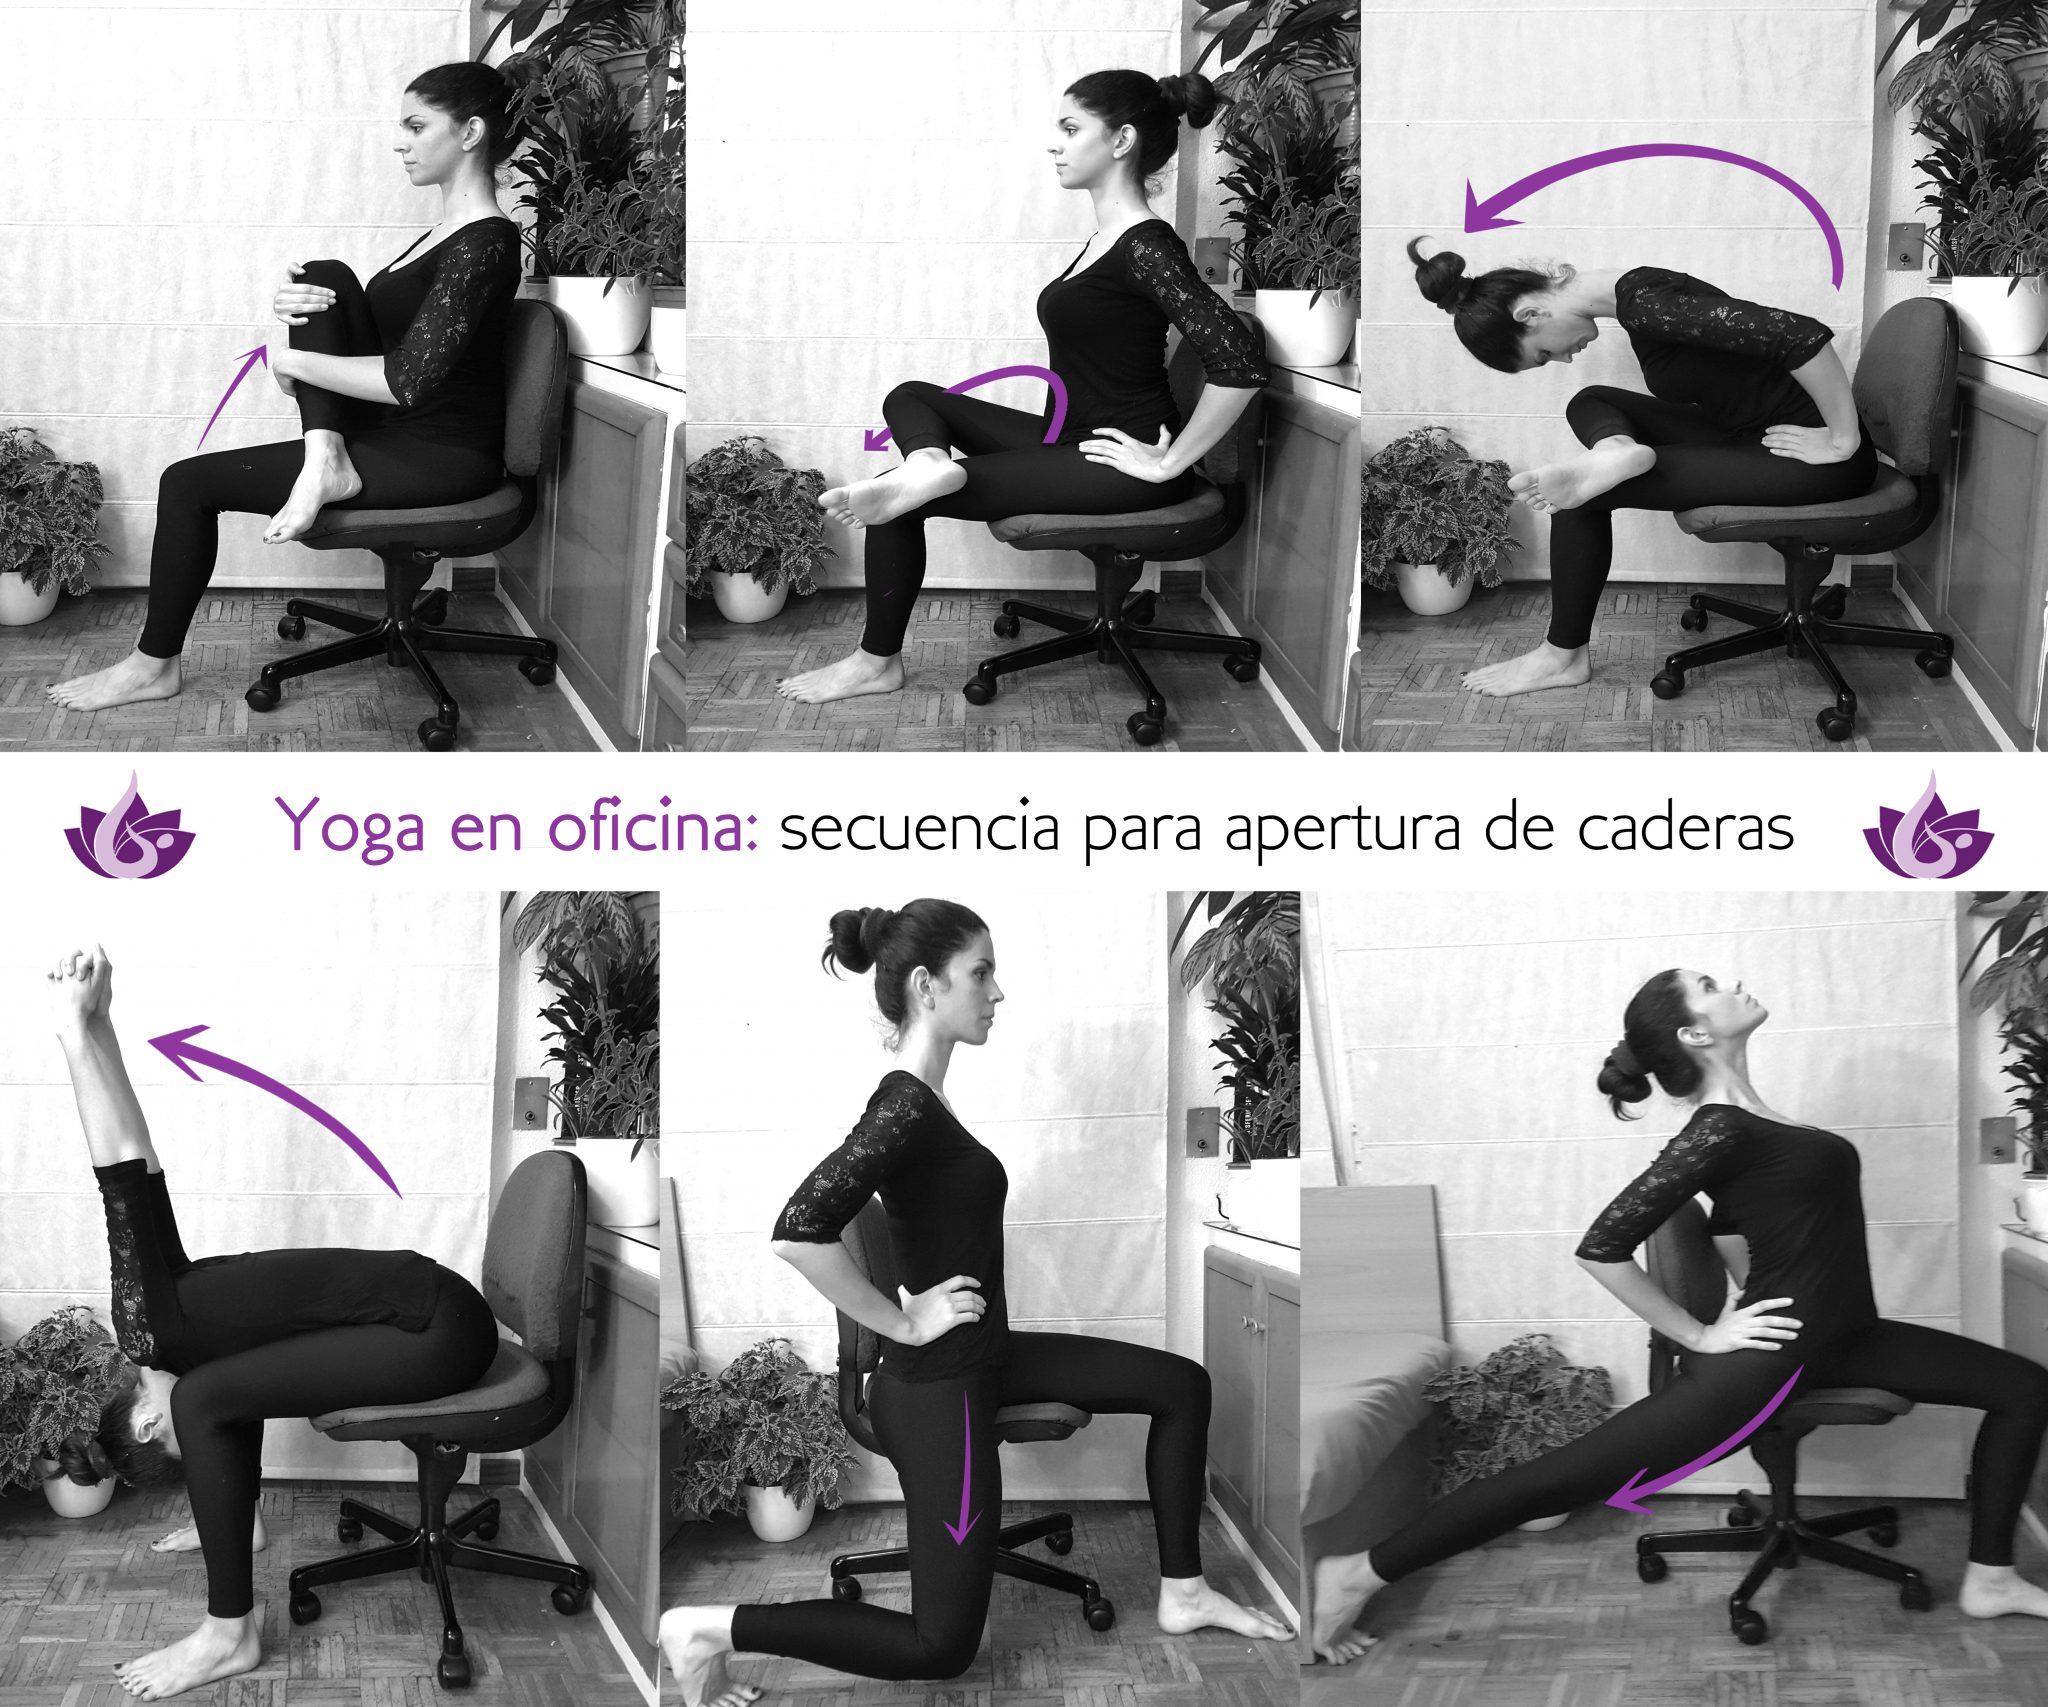 6 posturas de Yoga para la cadera en la Oficina